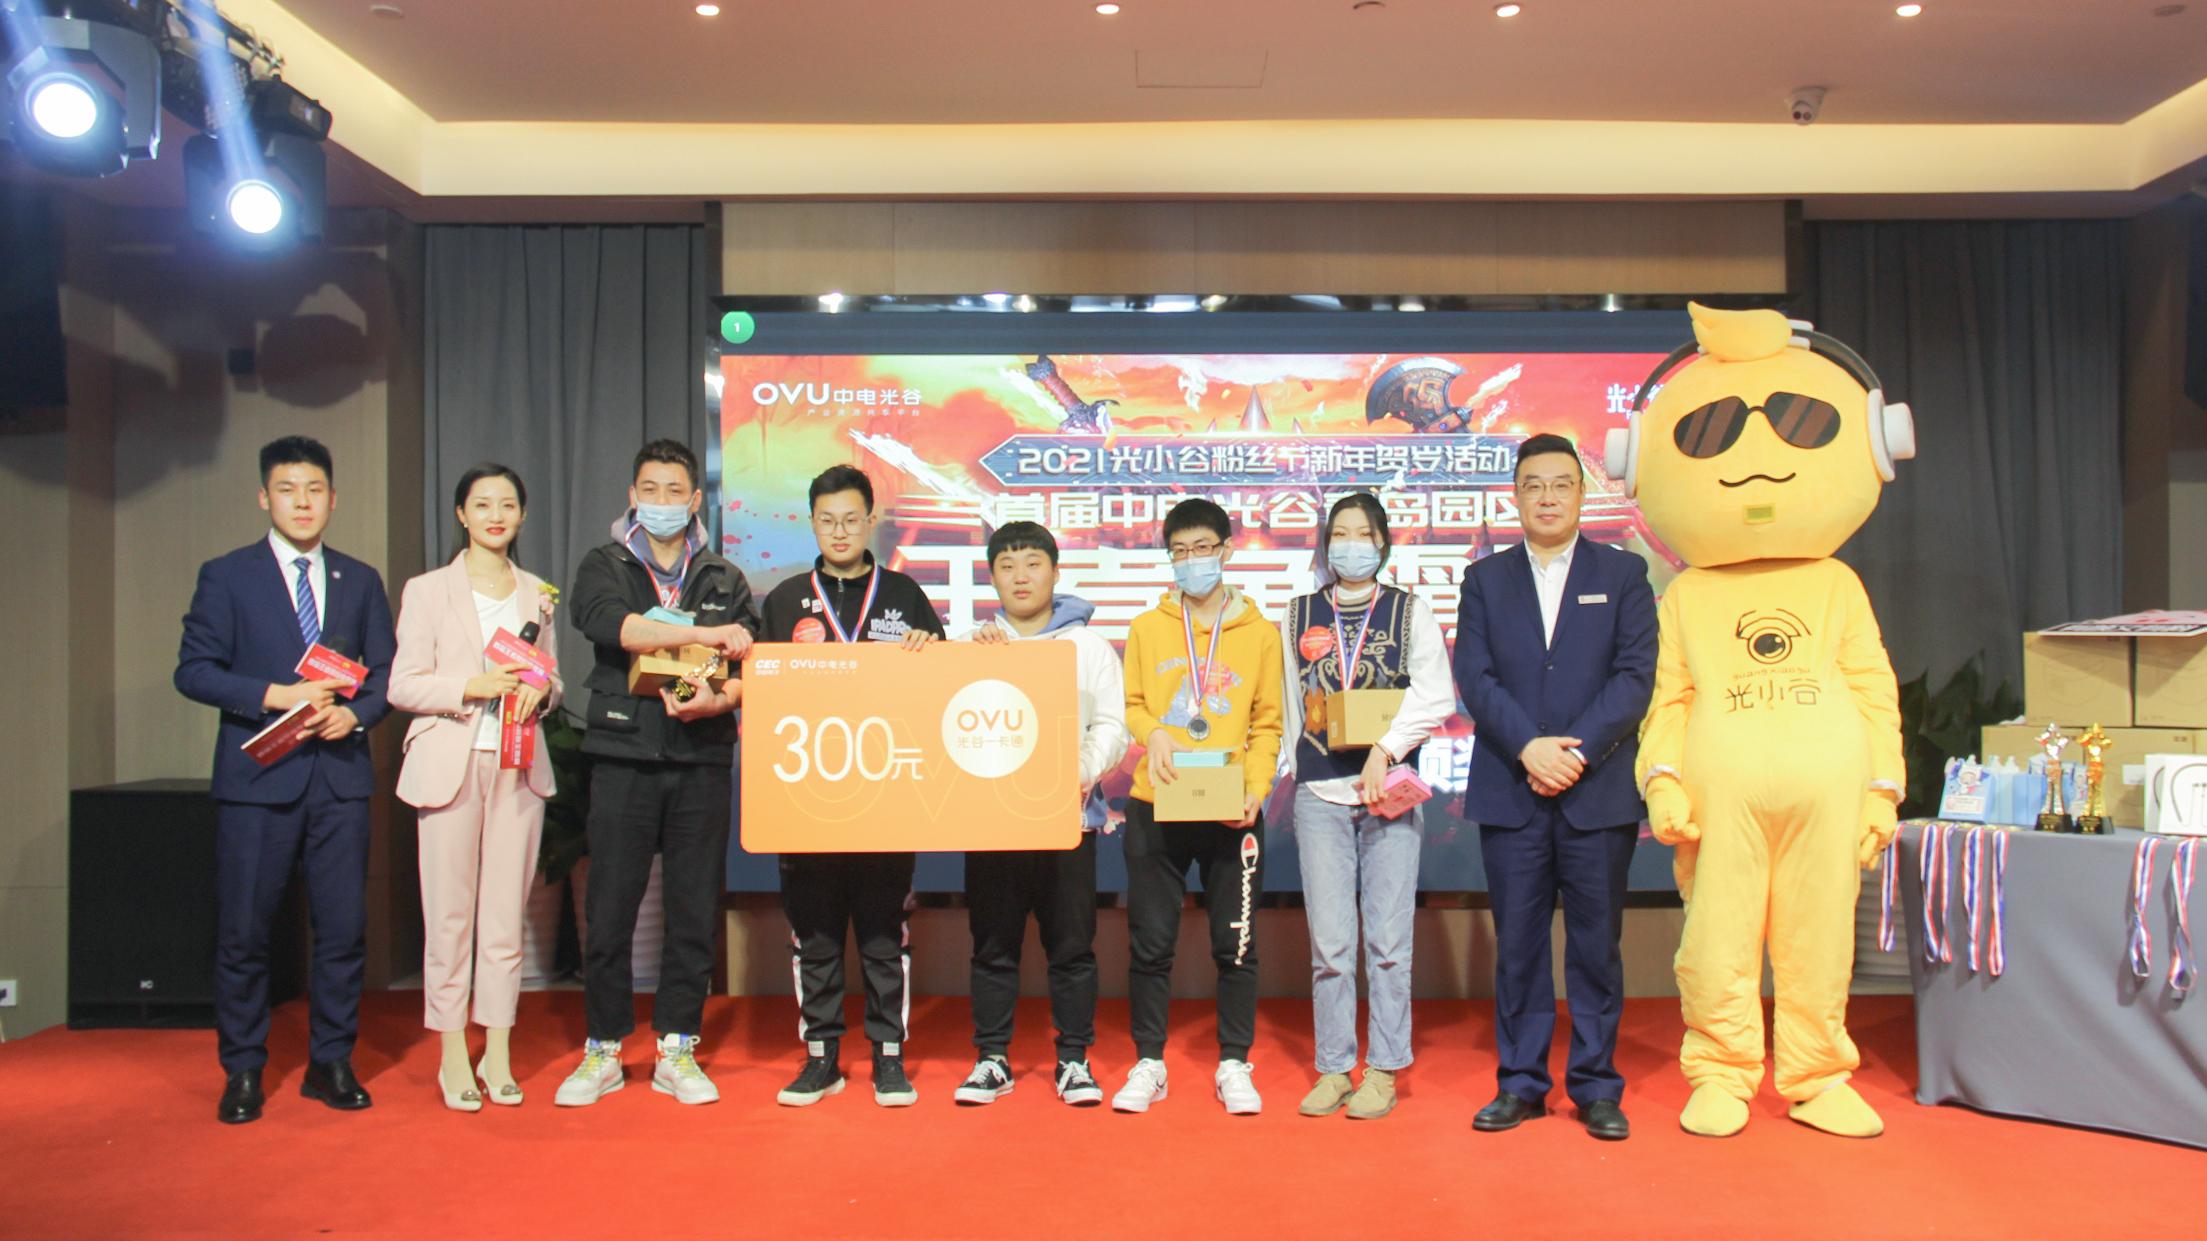 首届中电光谷青岛园区王者荣耀争霸赛完美收官暨园区电竞俱乐部正式成立